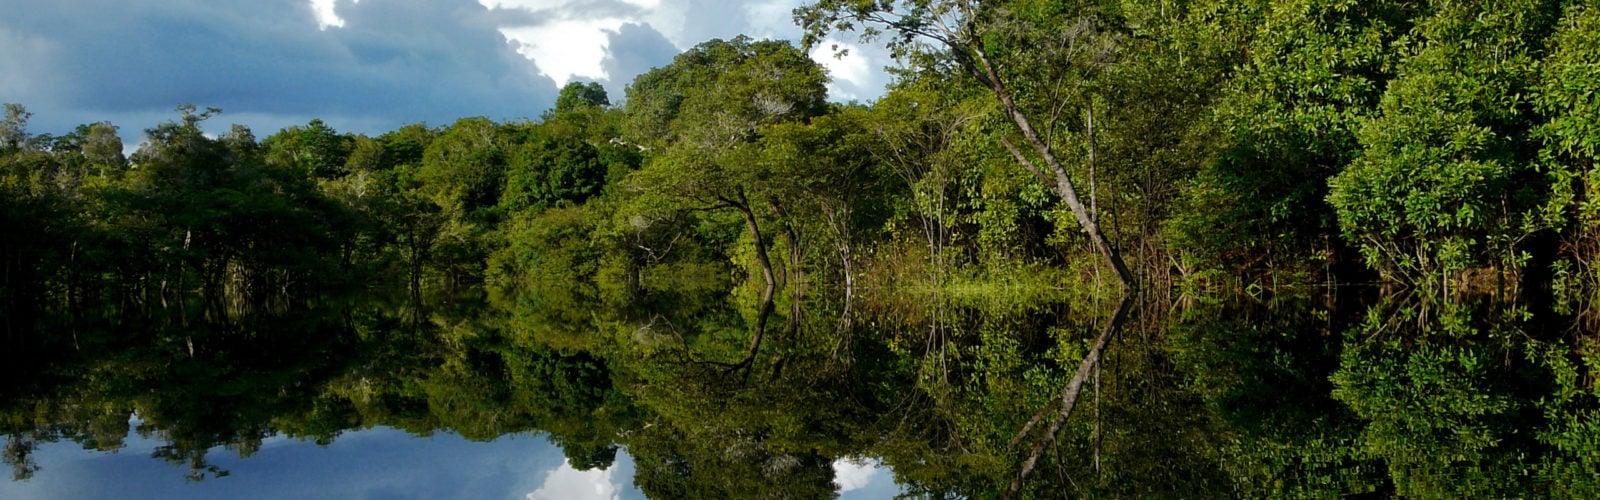 brazil-amazon-river